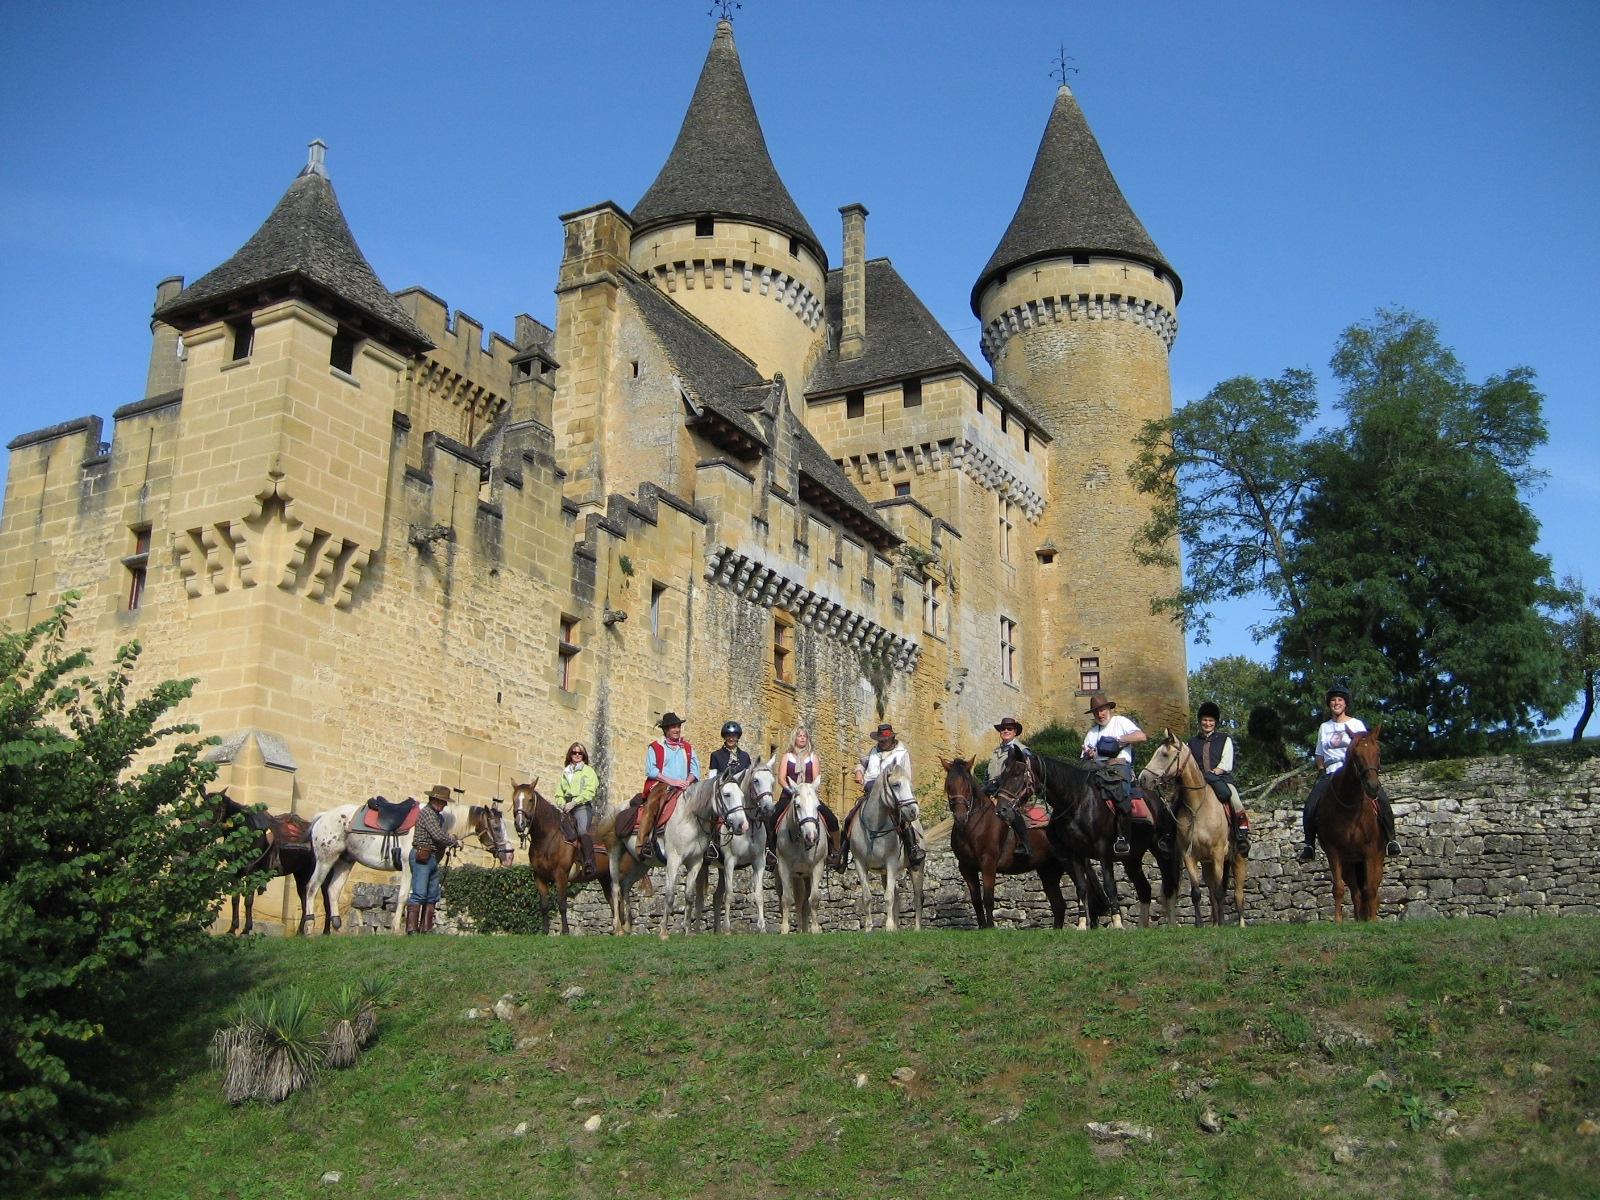 Paardrijden bij een kasteel in Frankrijk